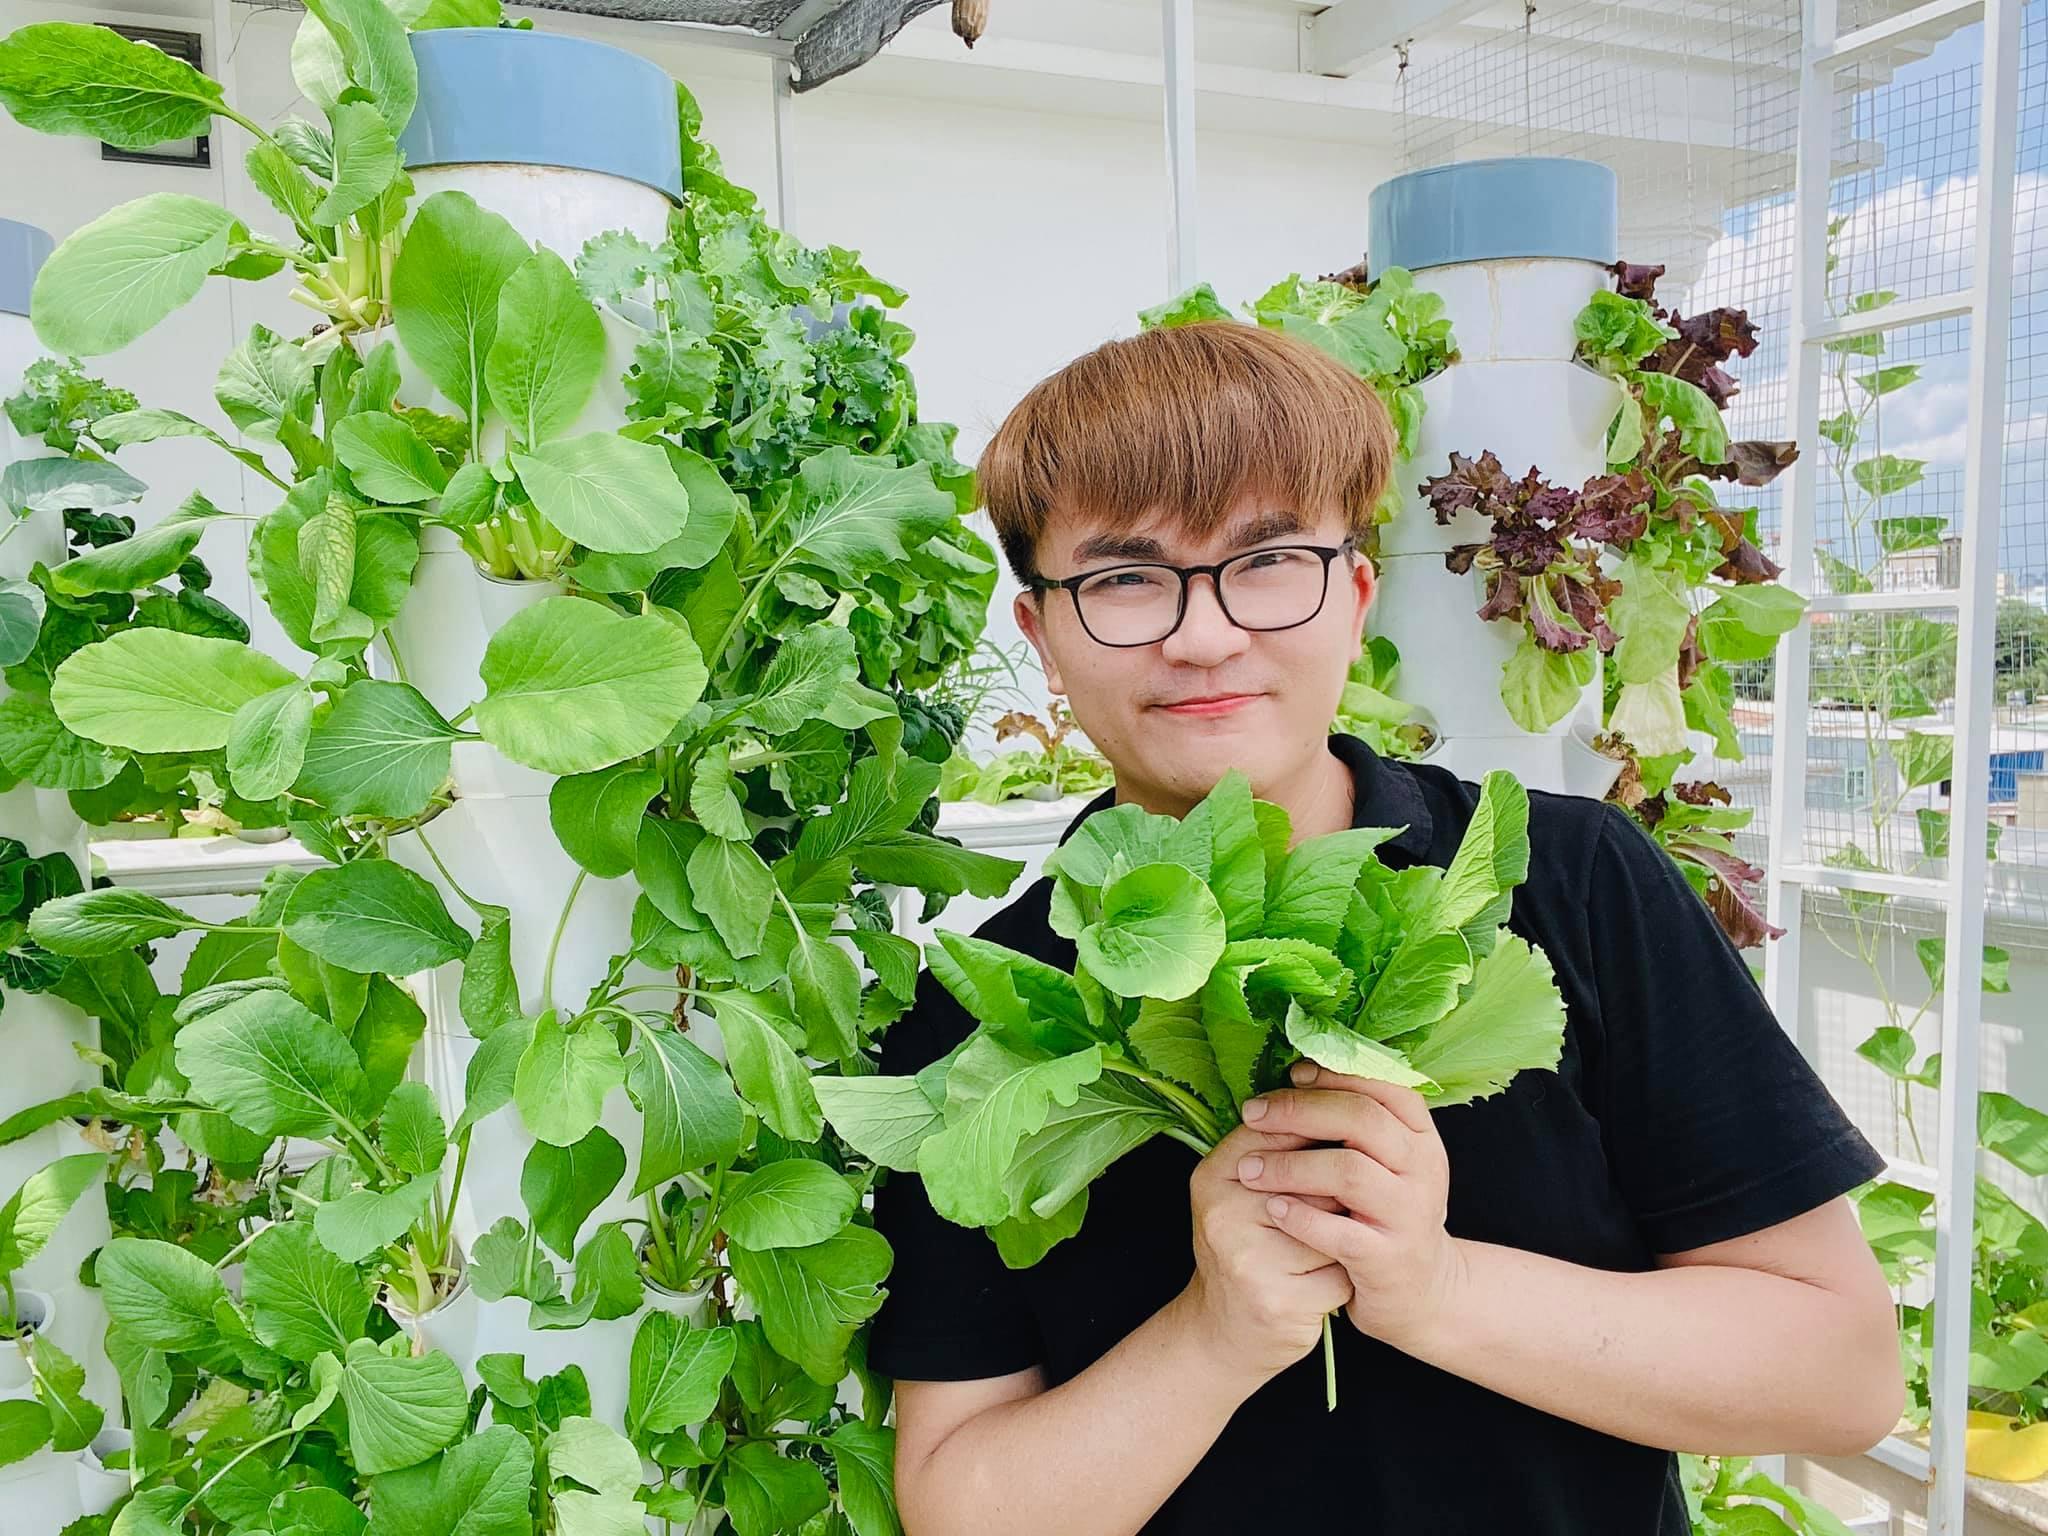 MC Đại Nghĩa thư giãn tinh thần bằng cách trồng rau và nấm sạch trên sân thượng nhà mình ở quận 7, TP HCM - Ảnh 1.